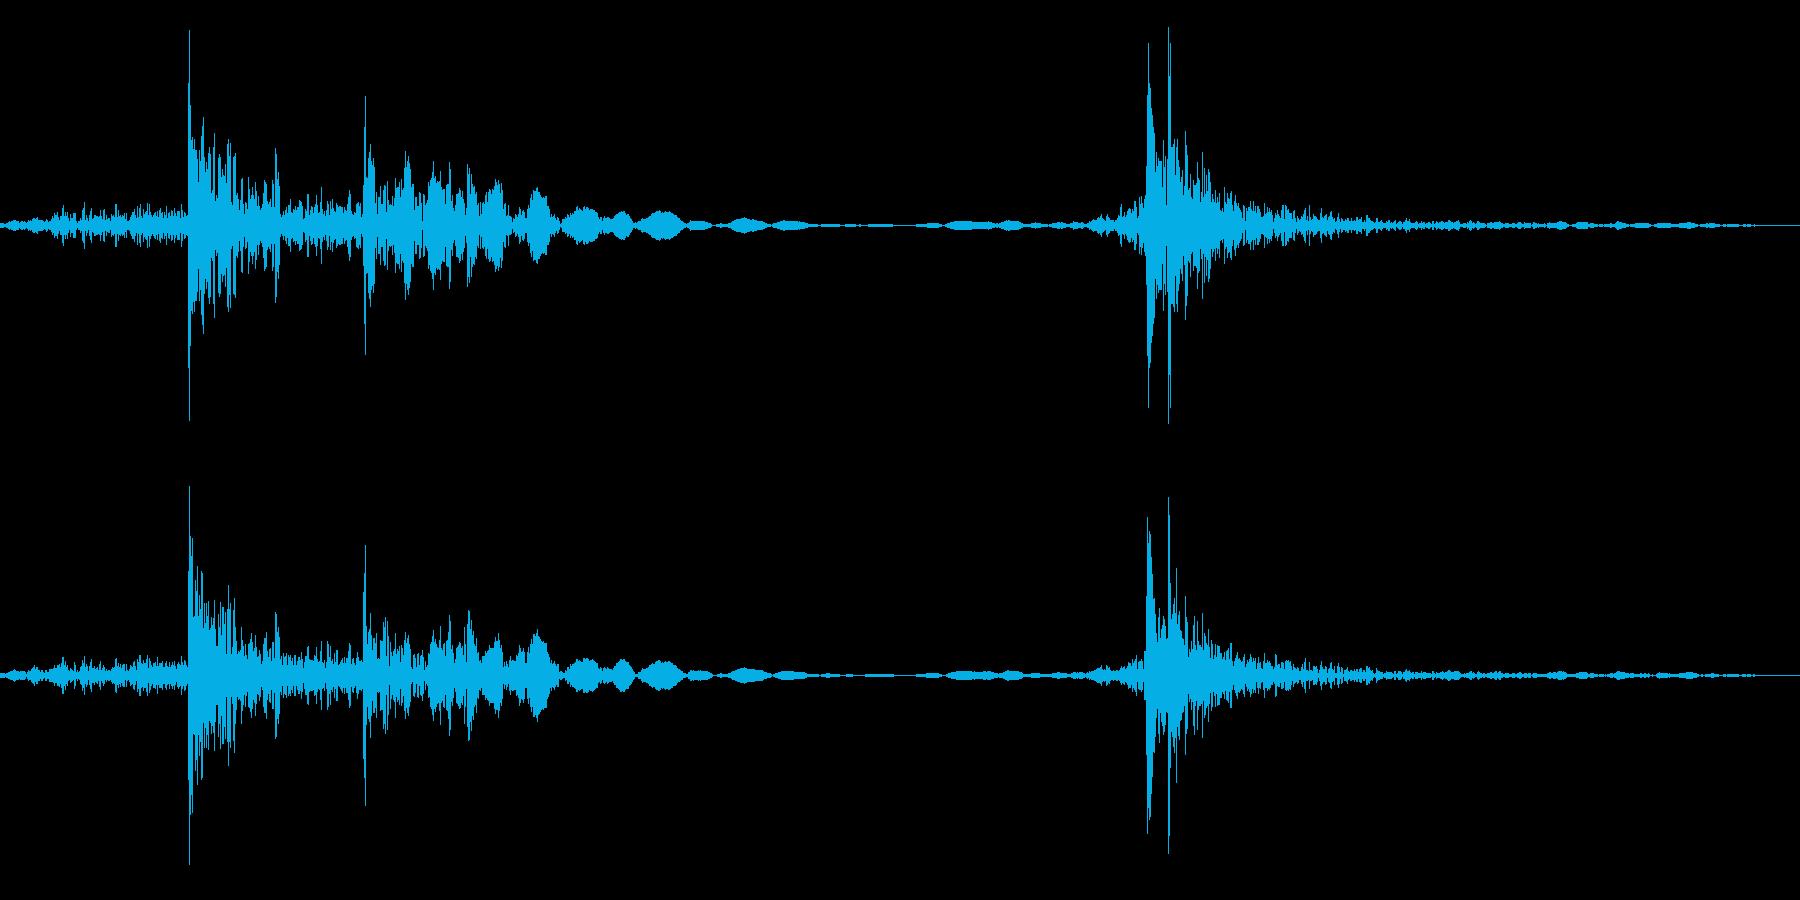 ドアノブを回す 鍵をかける音 ガチャコンの再生済みの波形